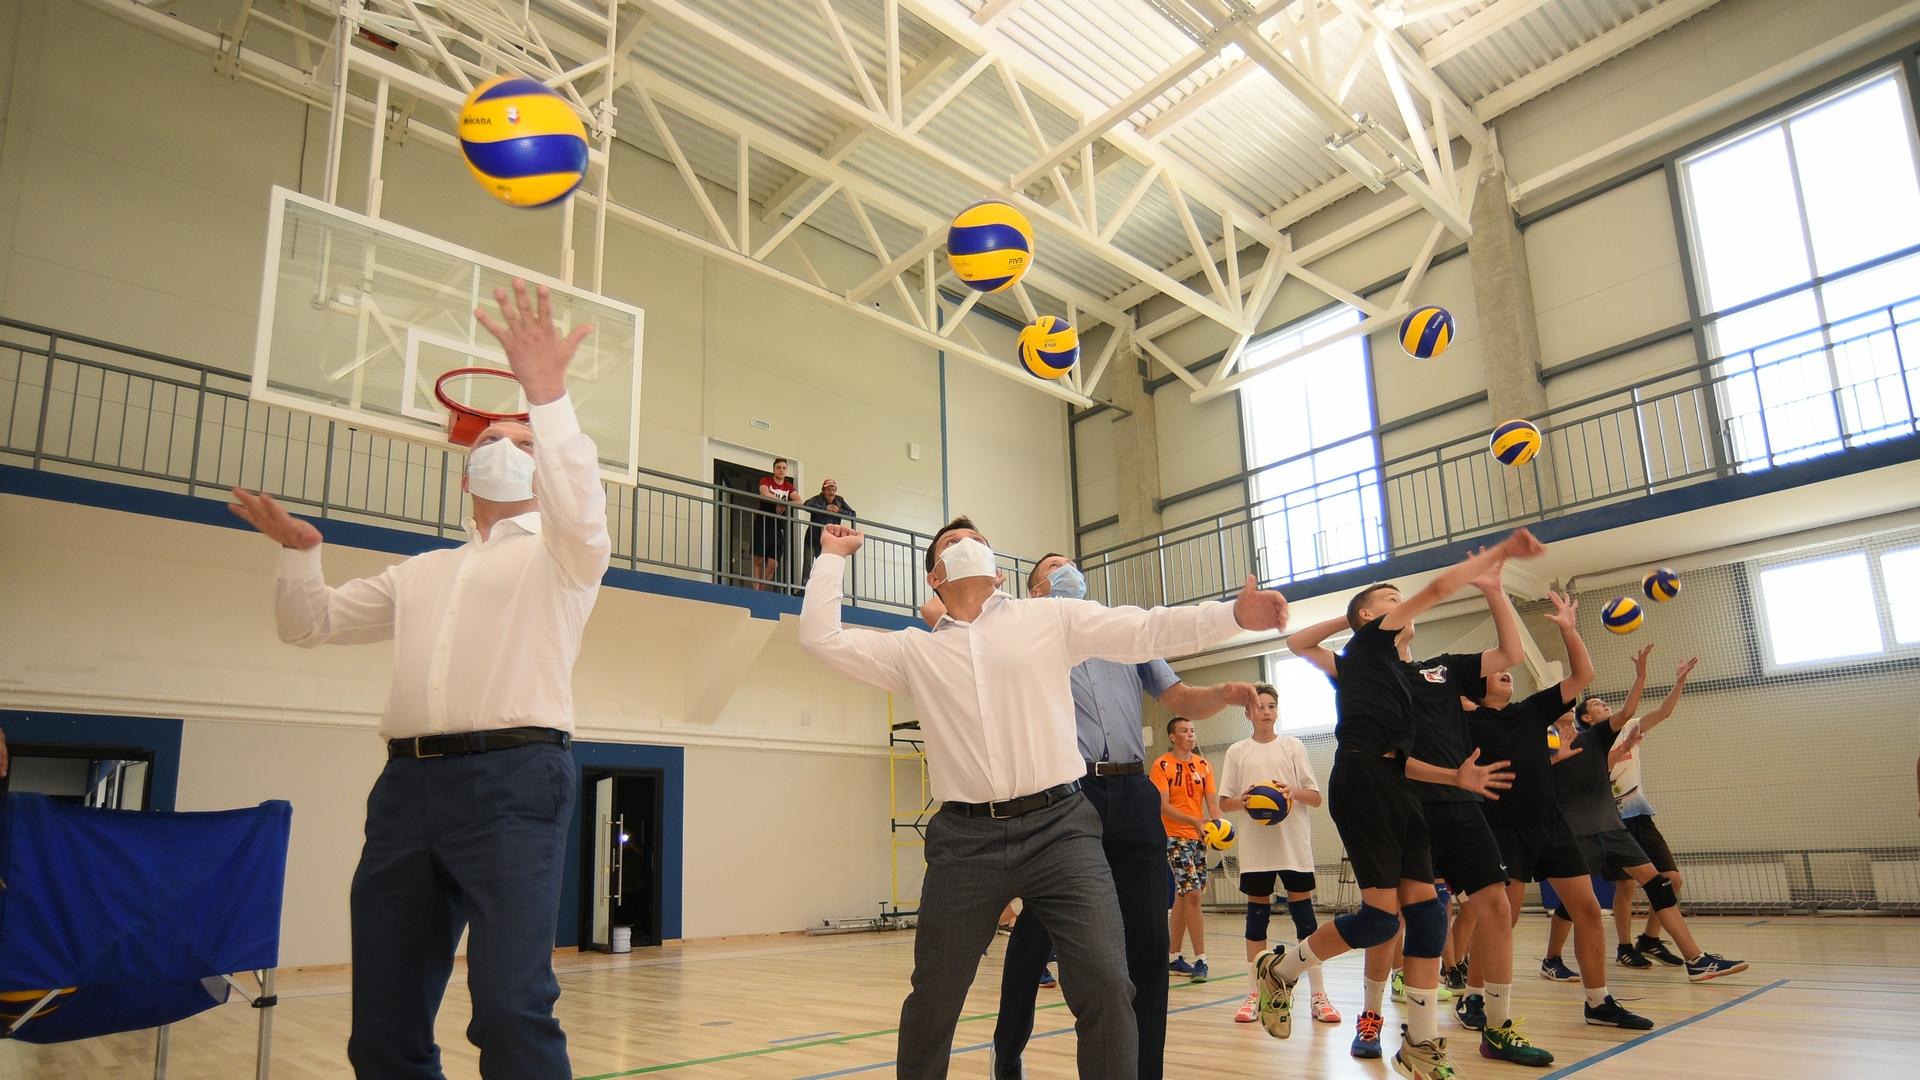 Сегодня состоялось открытие спортивного объекта, в котором принял участие мэр Вологды Сергей Воропанов